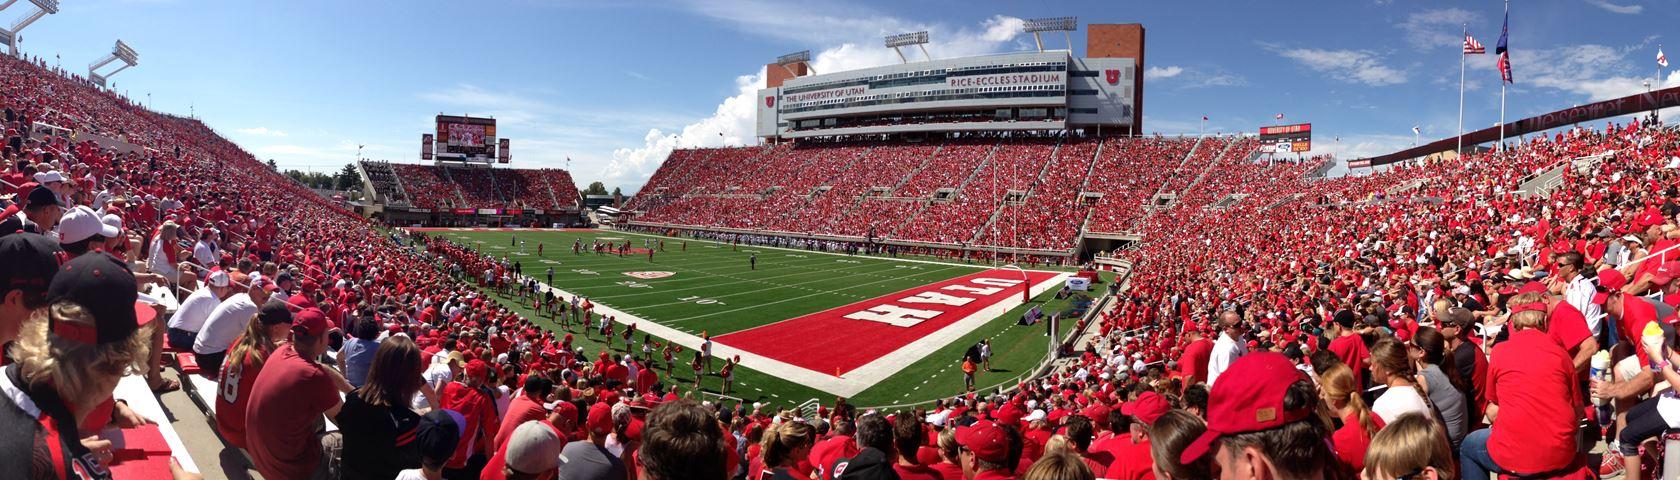 Rice Eccles Stadium University of Utah